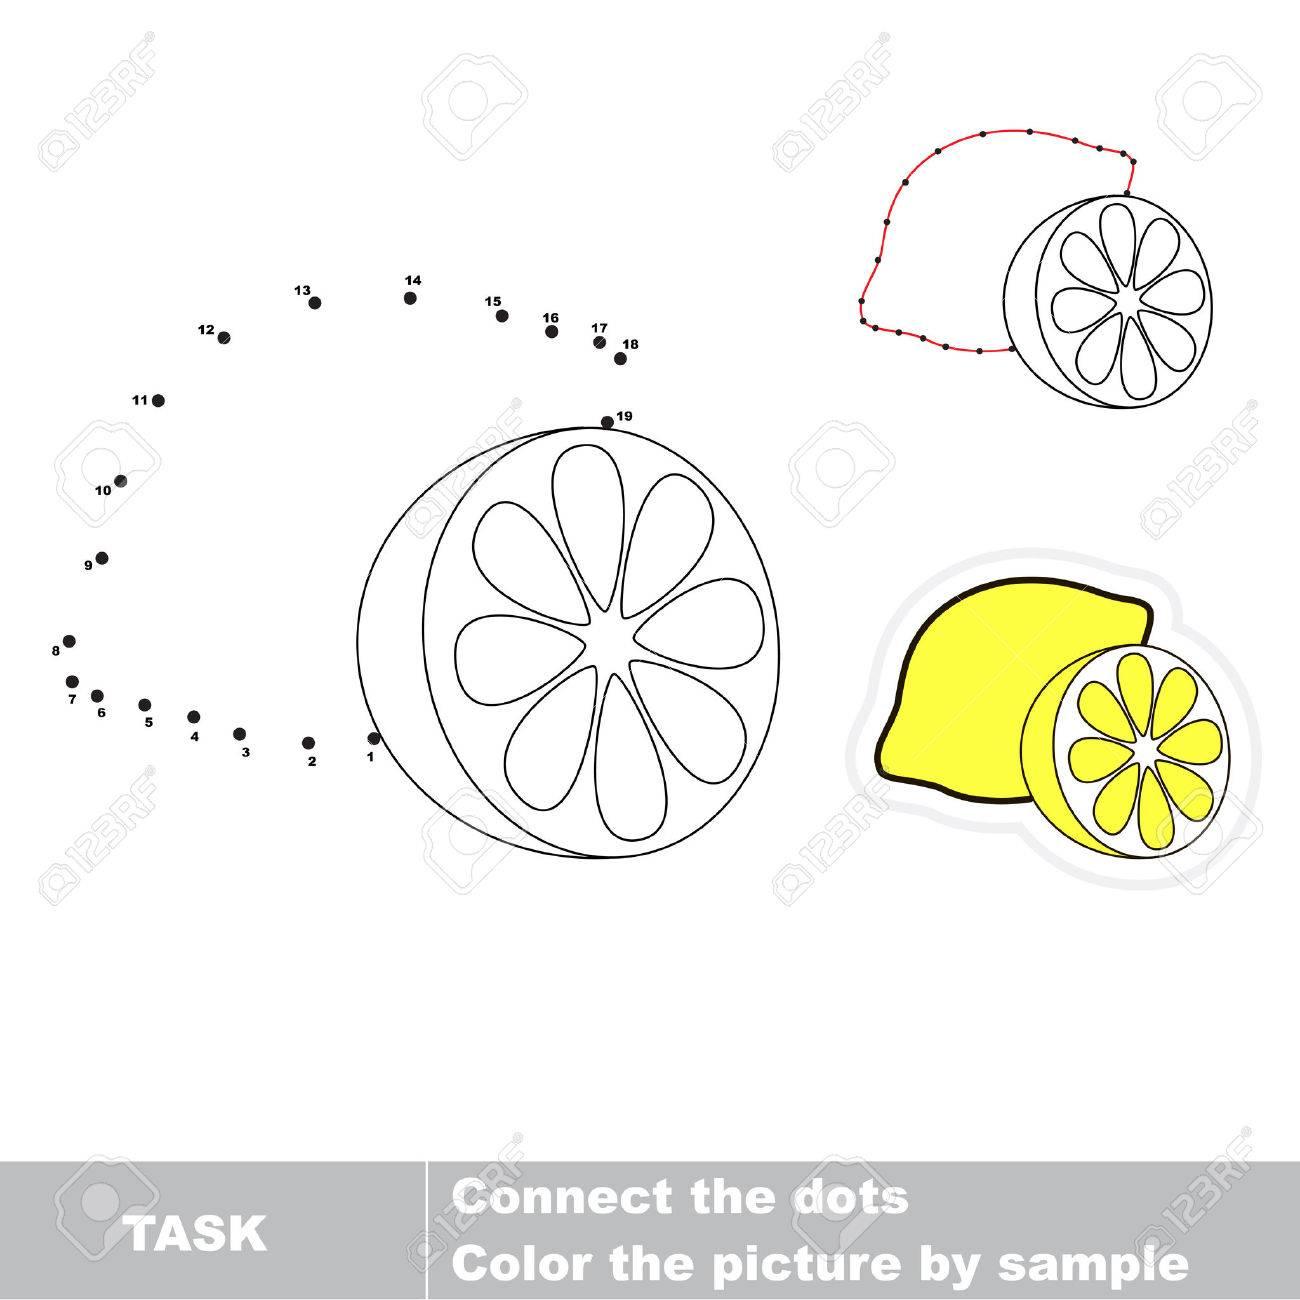 Spiel Für Zahlen. Eine Karikatur Zitrone. Verbinde Die Punkte Und ...